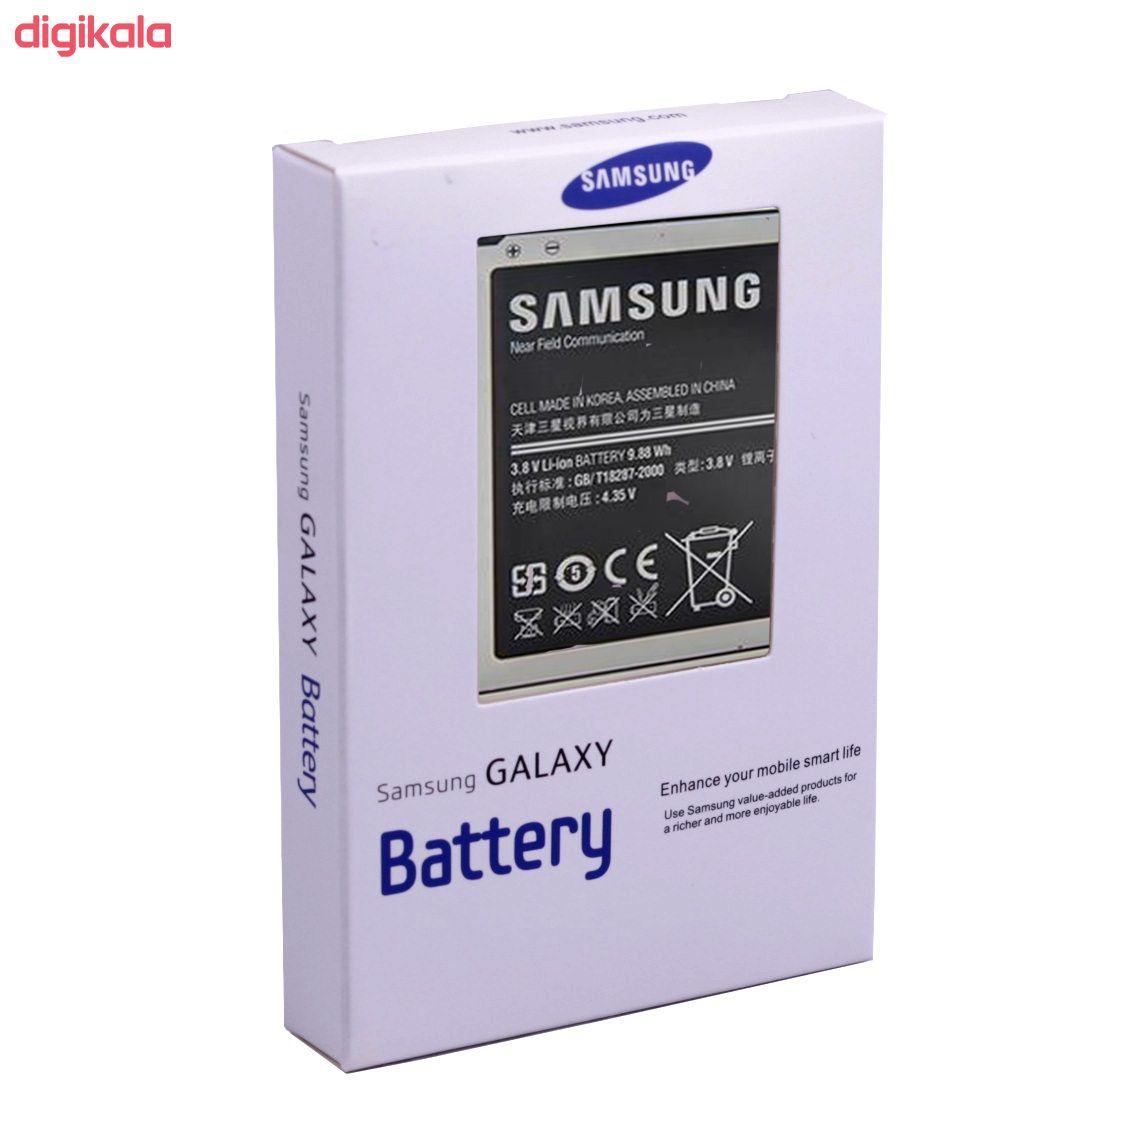 باتری موبایل مدل B600BC ظرفیت 2600 میلی آمپر ساعت مناسب برای گوشی موبایل سامسونگ Galaxy S4 main 1 1